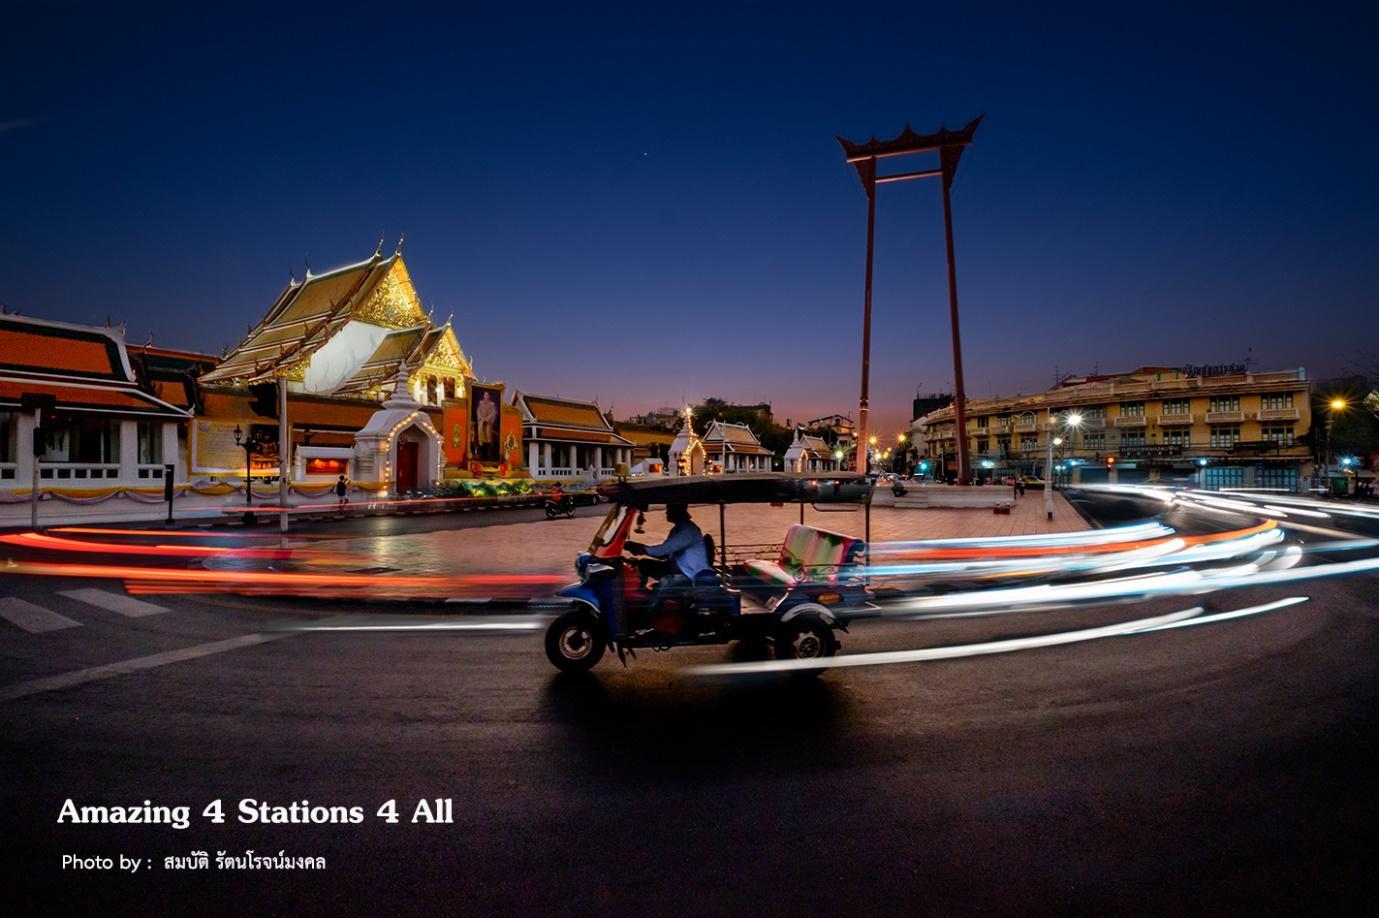 Chờ ngày hết dịch, mình hẹn gặp nhau tại 5 ga tàu đi khắp Bangkok này bạn nhé! - Ảnh 9.